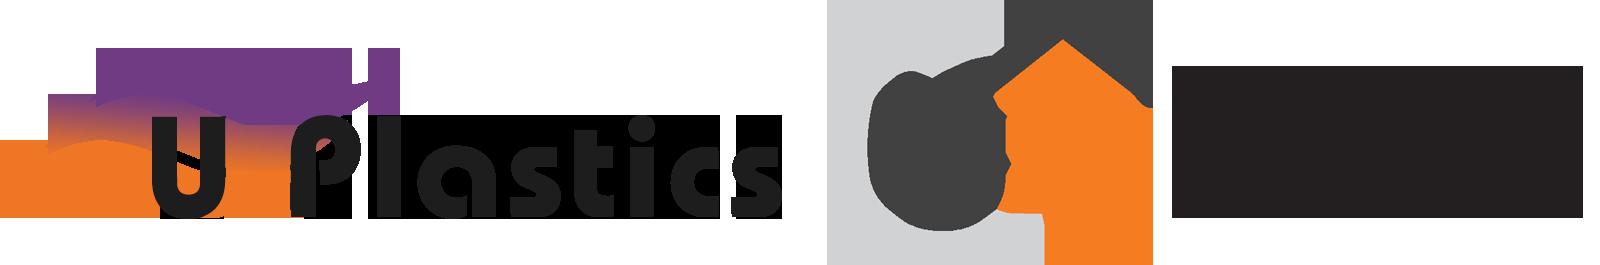 uplastics-logo-v2